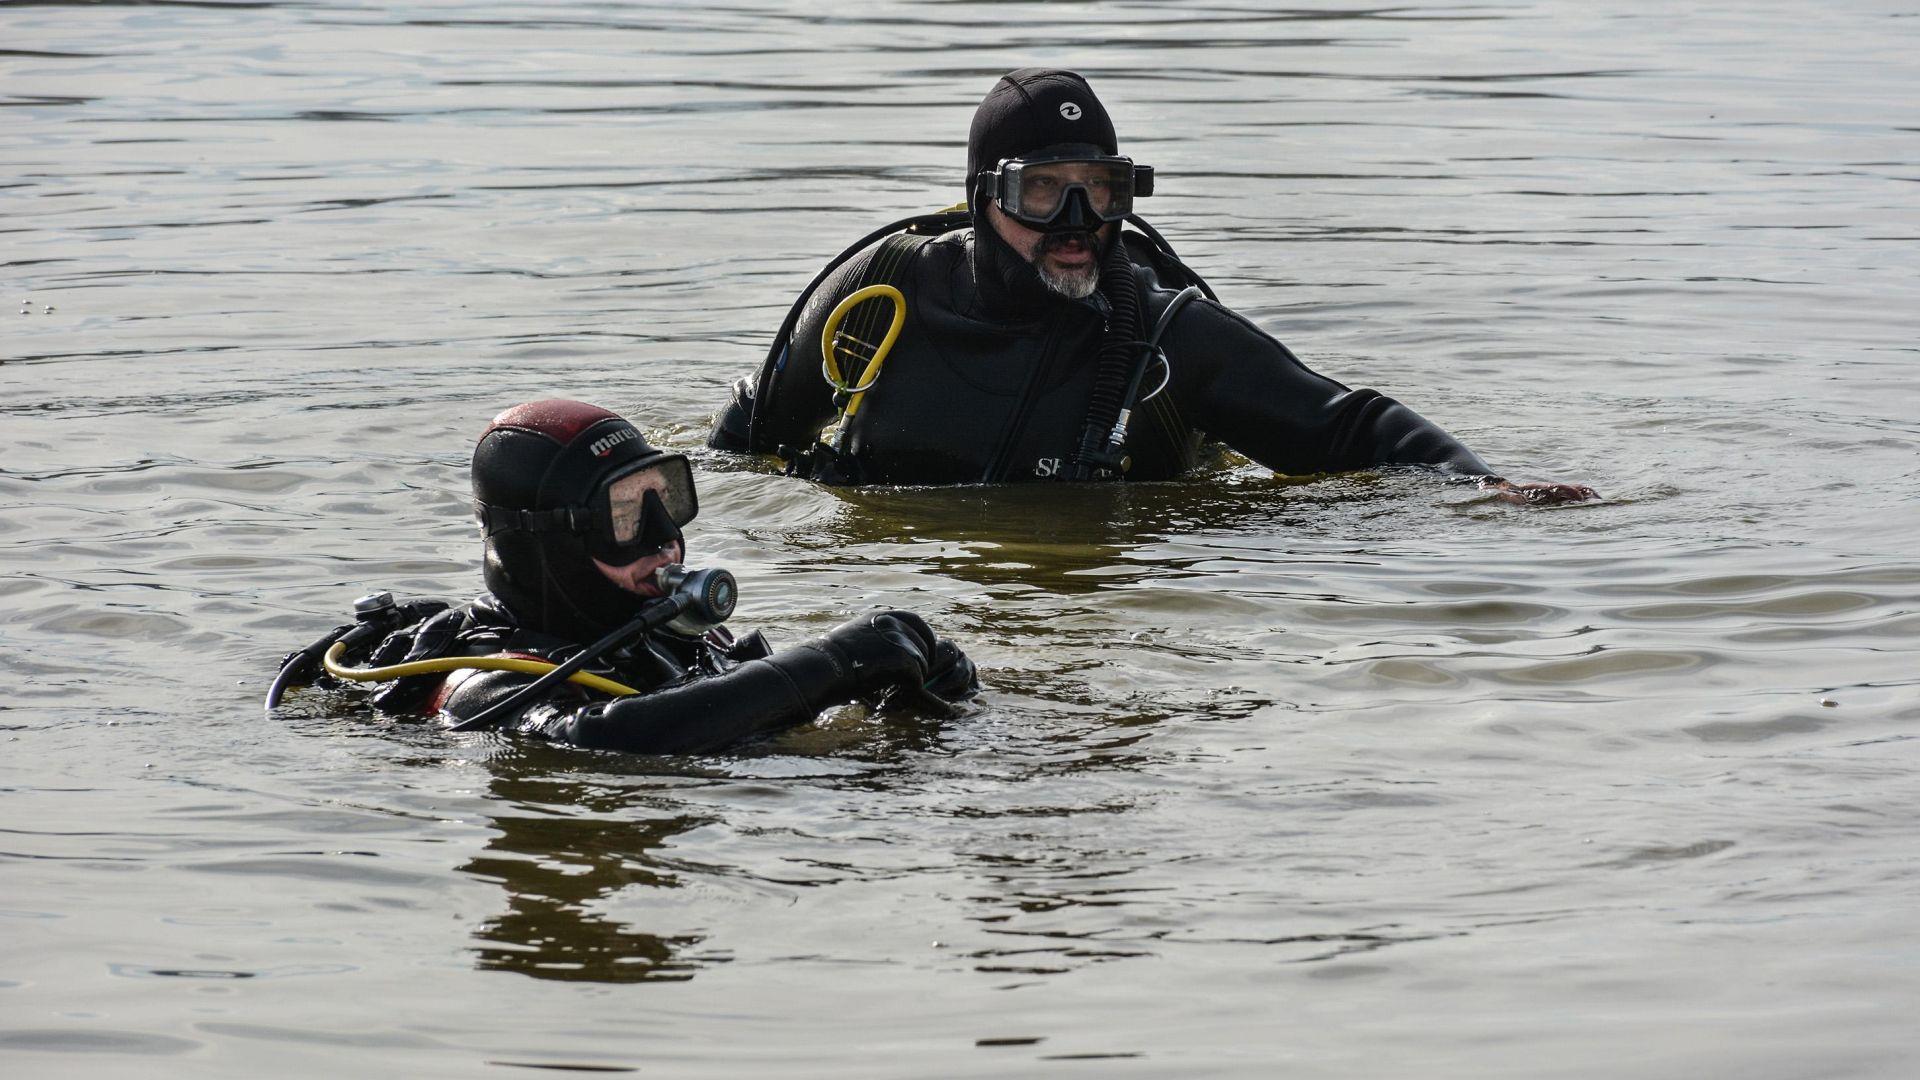 17-годишно момче от великотърновското село Ресен е намерено удавено в